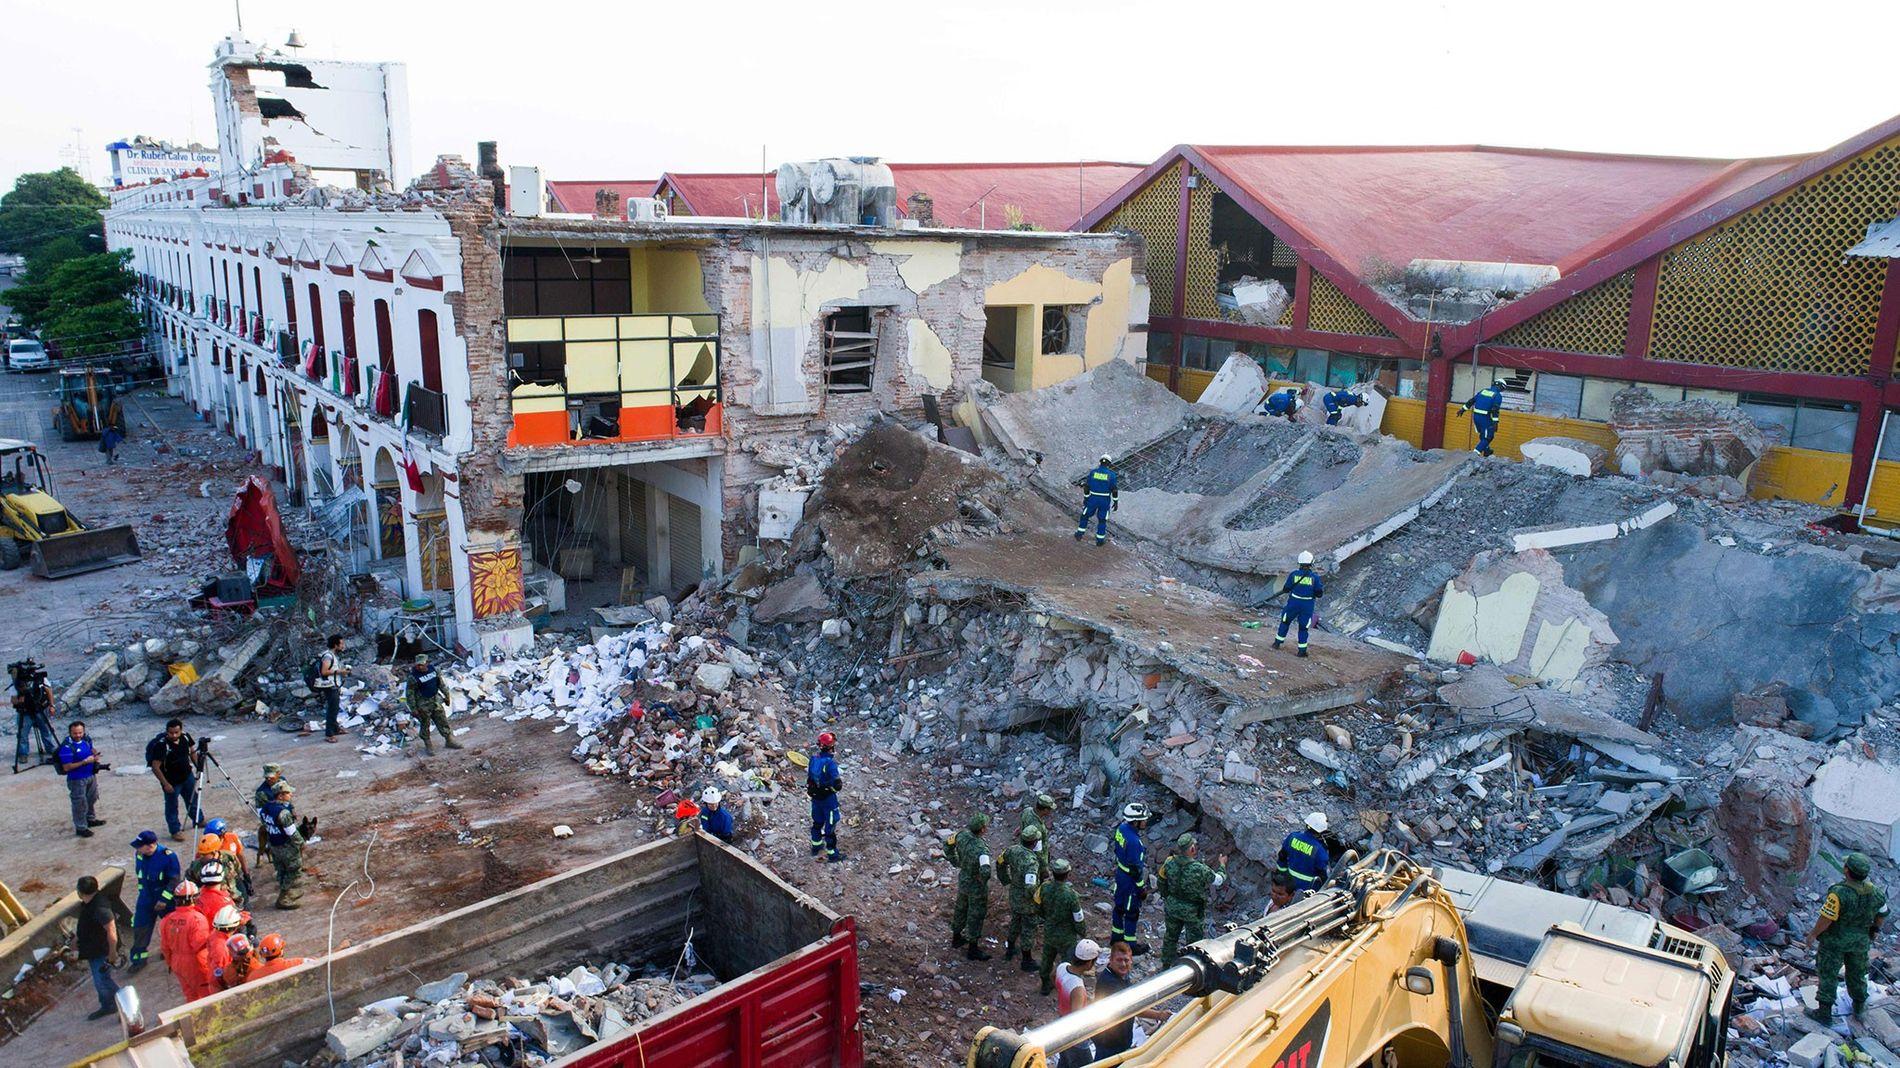 Prédios envoltos em escombros após um forte terremoto ocorrido em setembro de 2017, que devastou a costa sul do México.